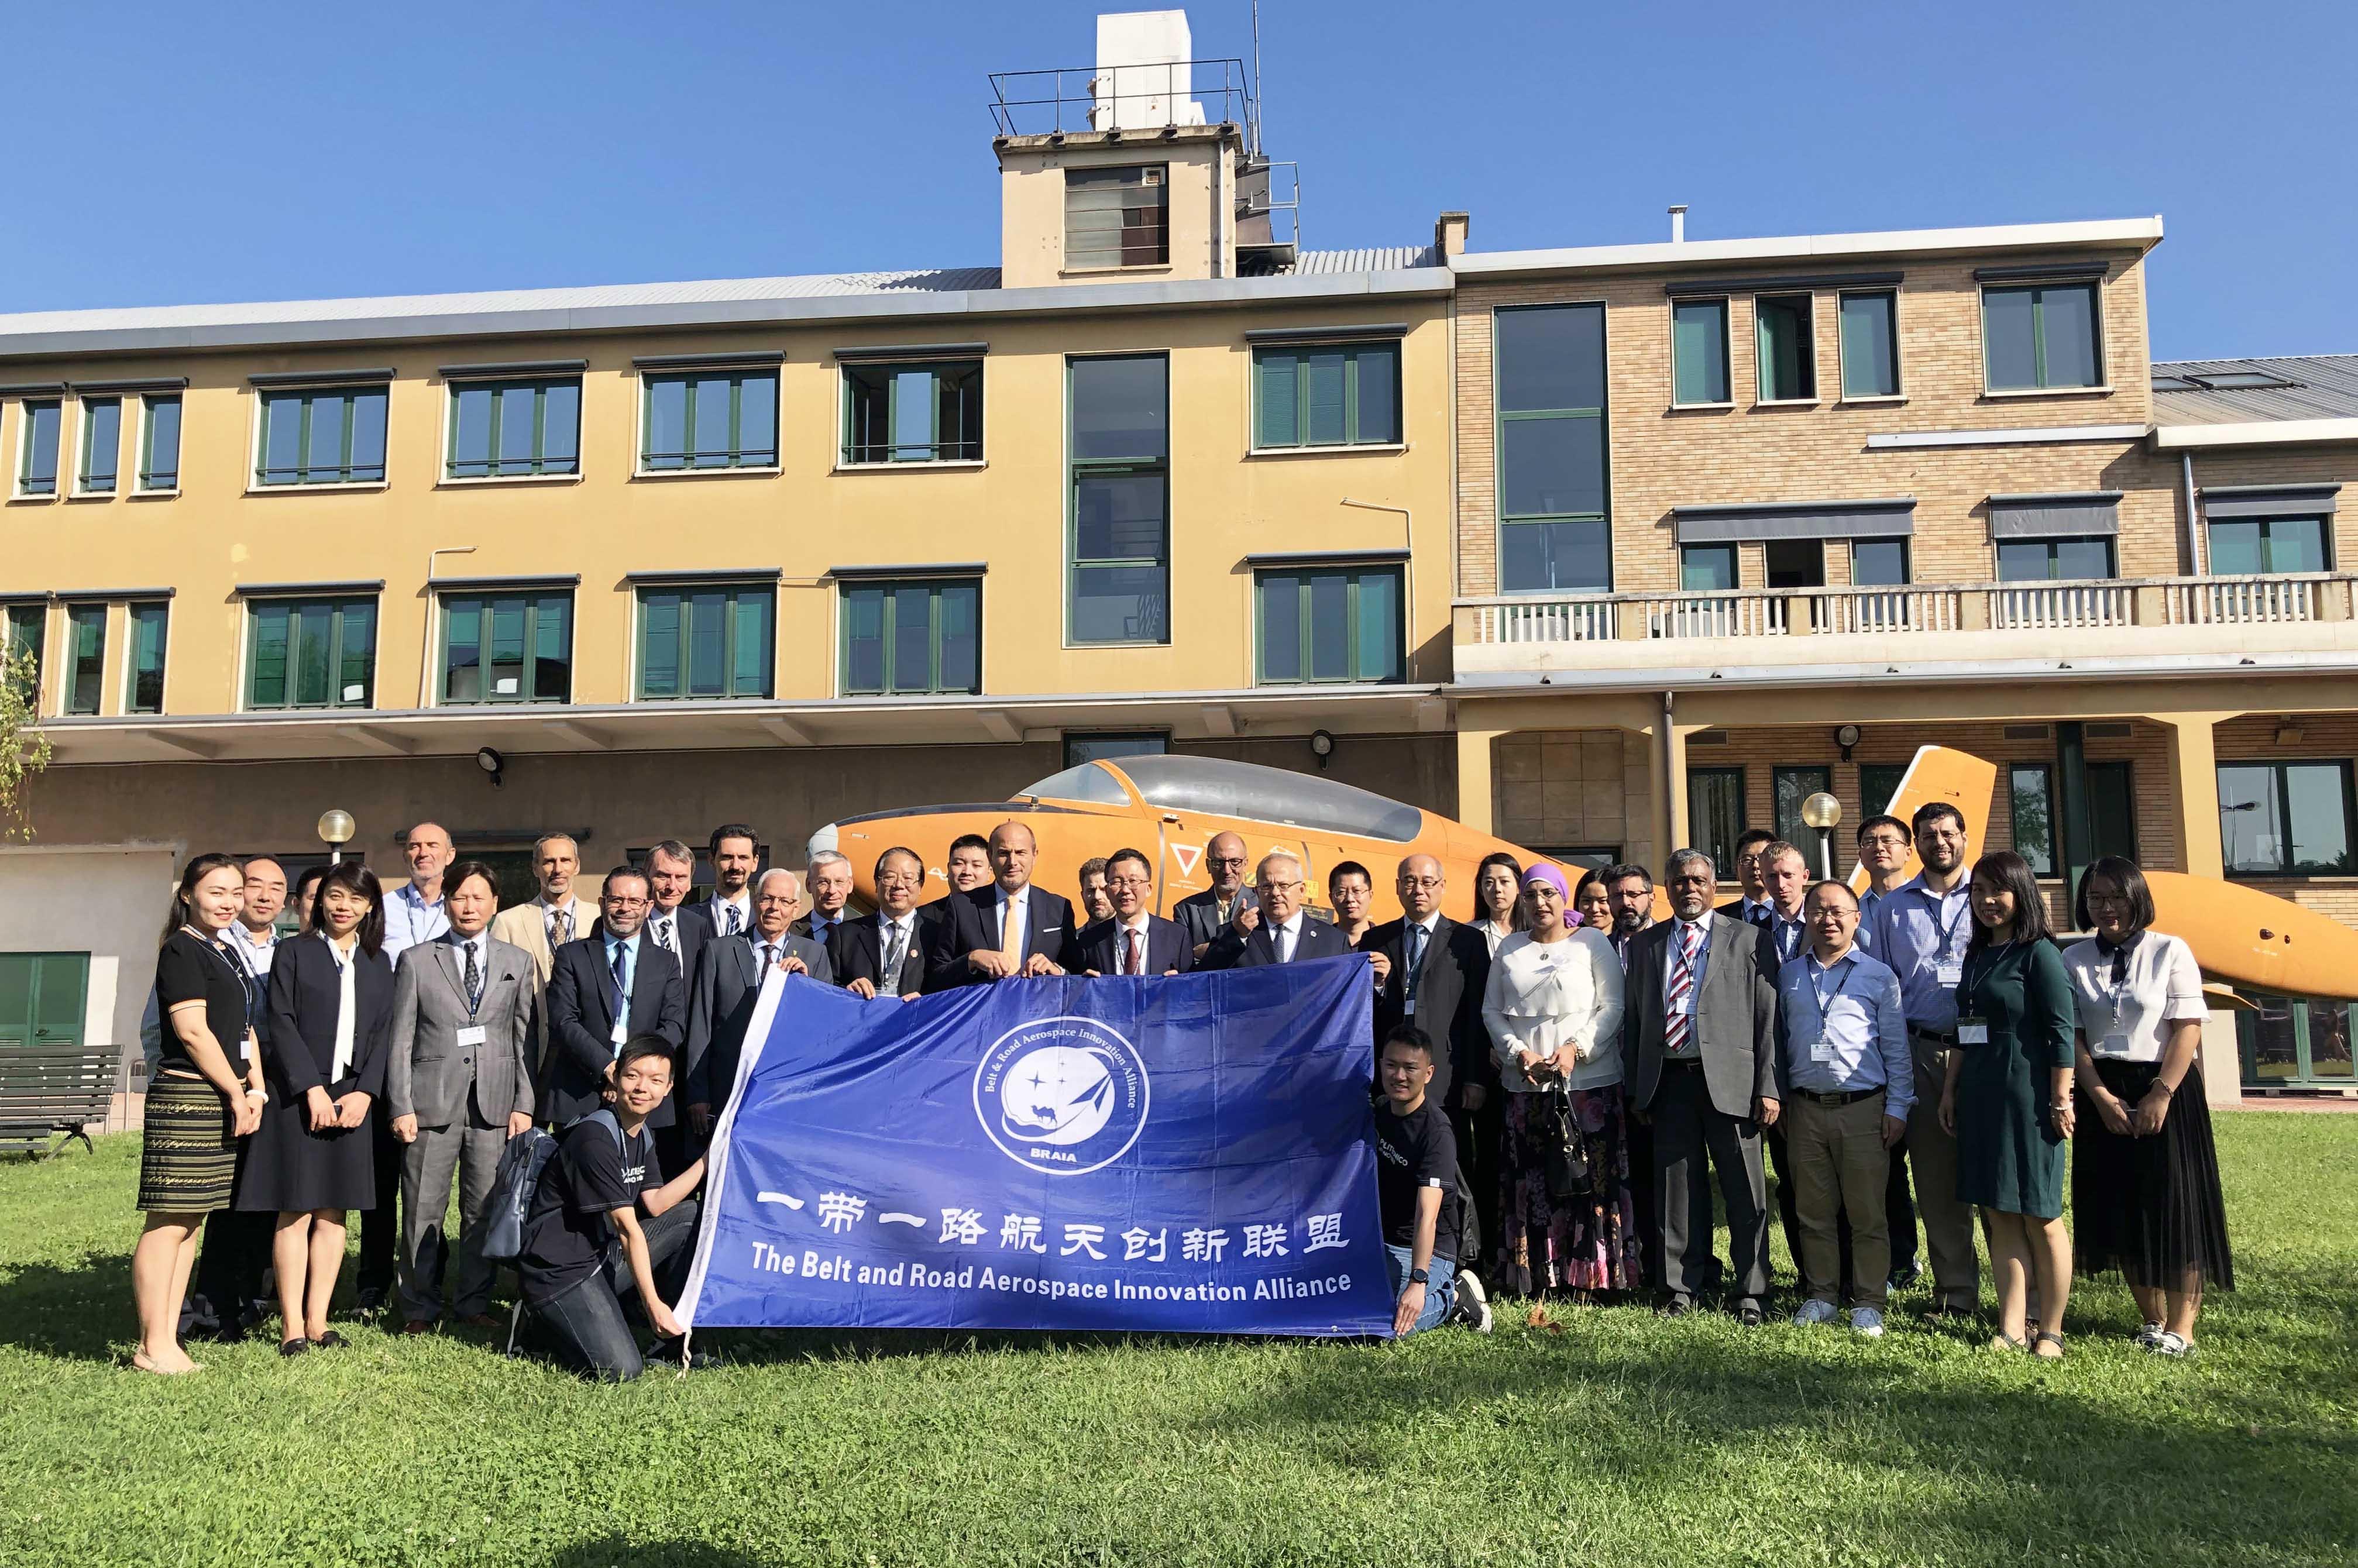 Forma CETYS Universidad alianza con China para la innovación aeroespacial